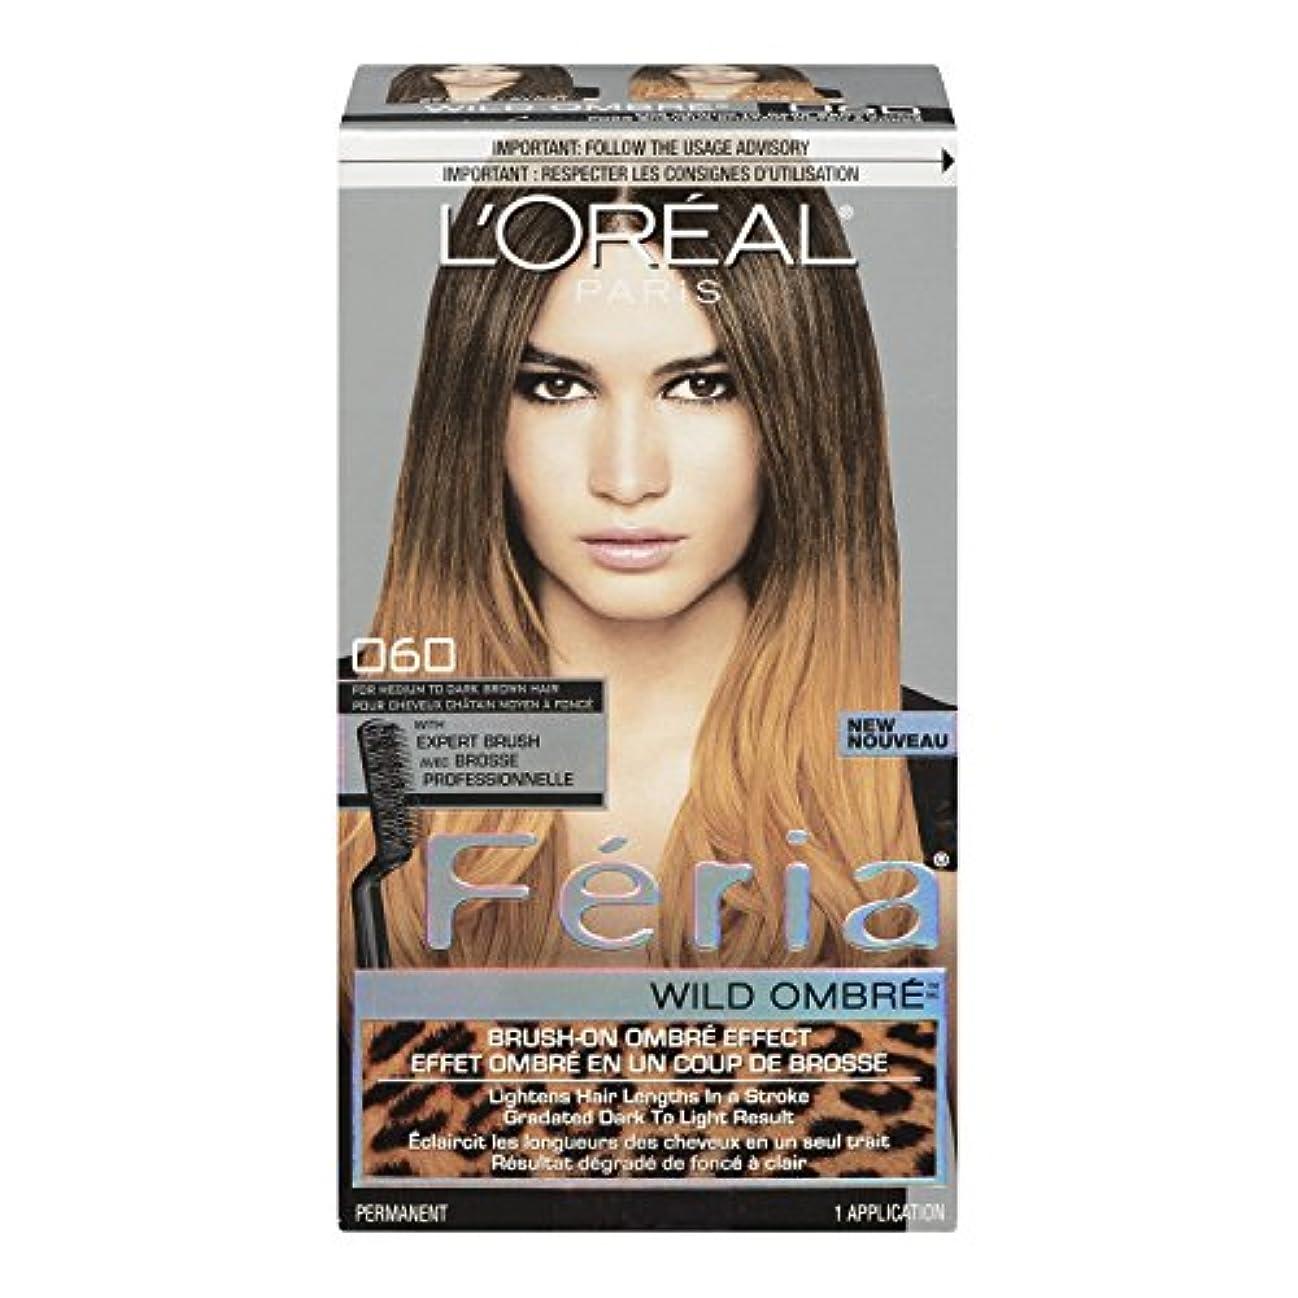 突破口シネウィ規模L'Oreal Feria Wild Ombre Hair Color, O60 Medium to Dark Brown by L'Oreal Paris Hair Color [並行輸入品]